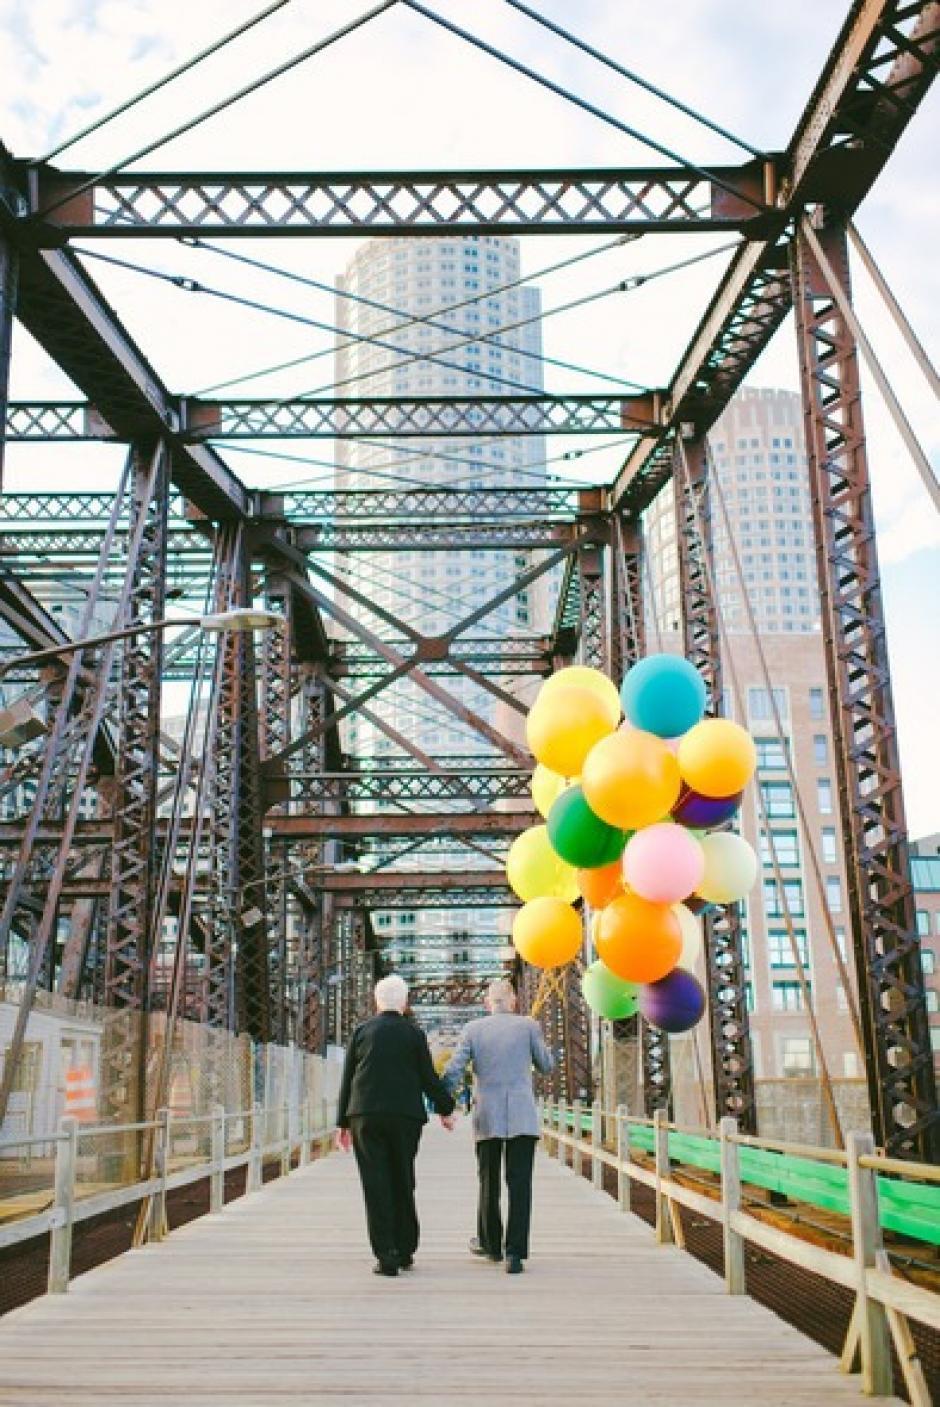 La nieta y los organizadores de la sesión lloraron al ver esta escena, cuando la pareja se alejaba por el puente.